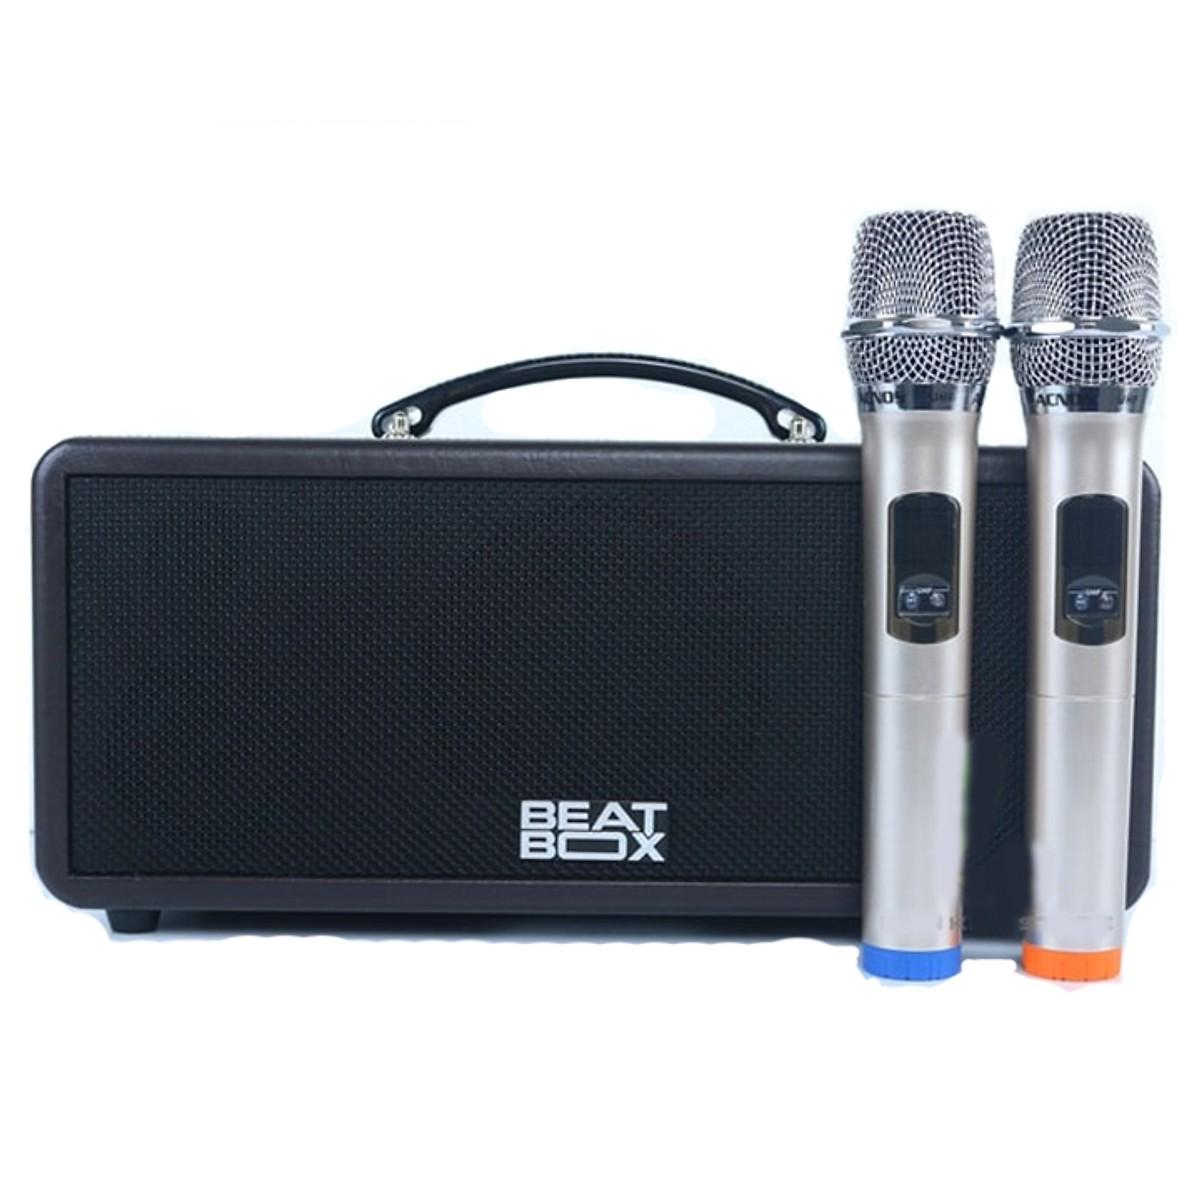 Loa xách tay karaoke bluetooth Acnos KS361M - Hàng chính hãng